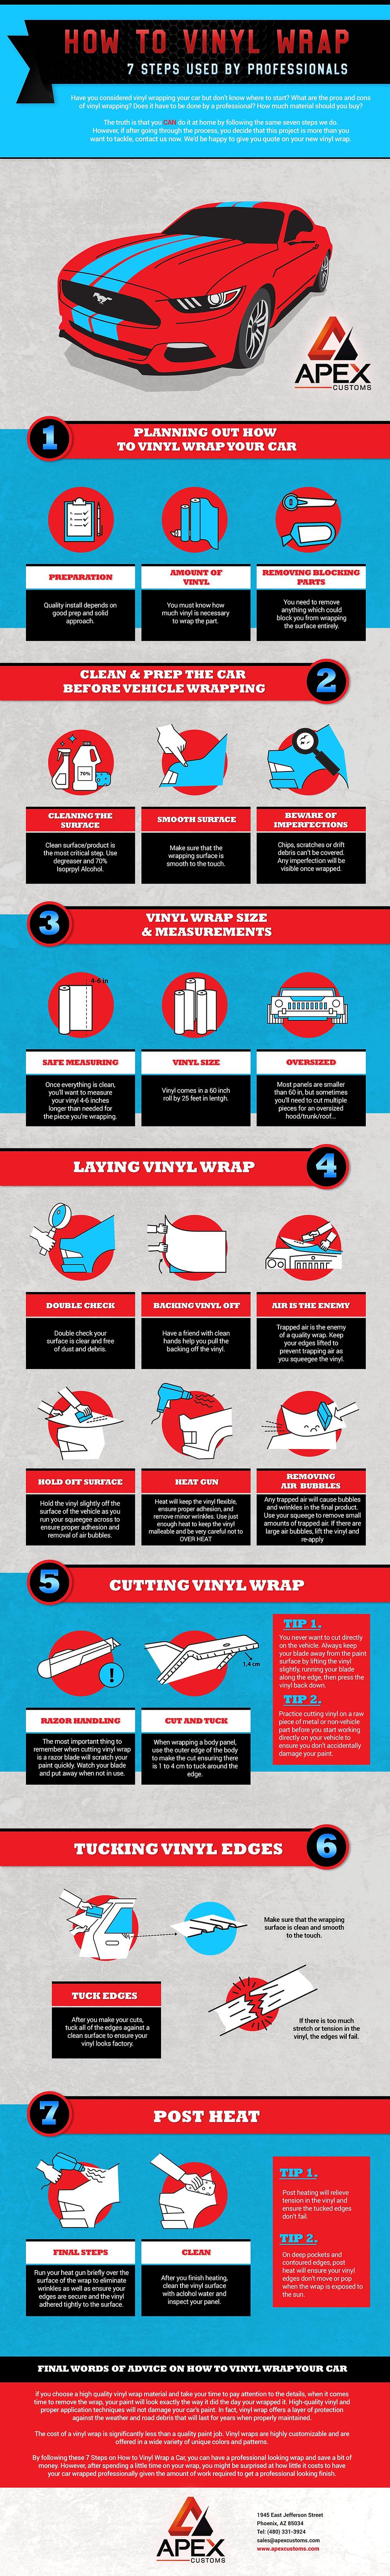 How to Vinyl Wrap Infographic